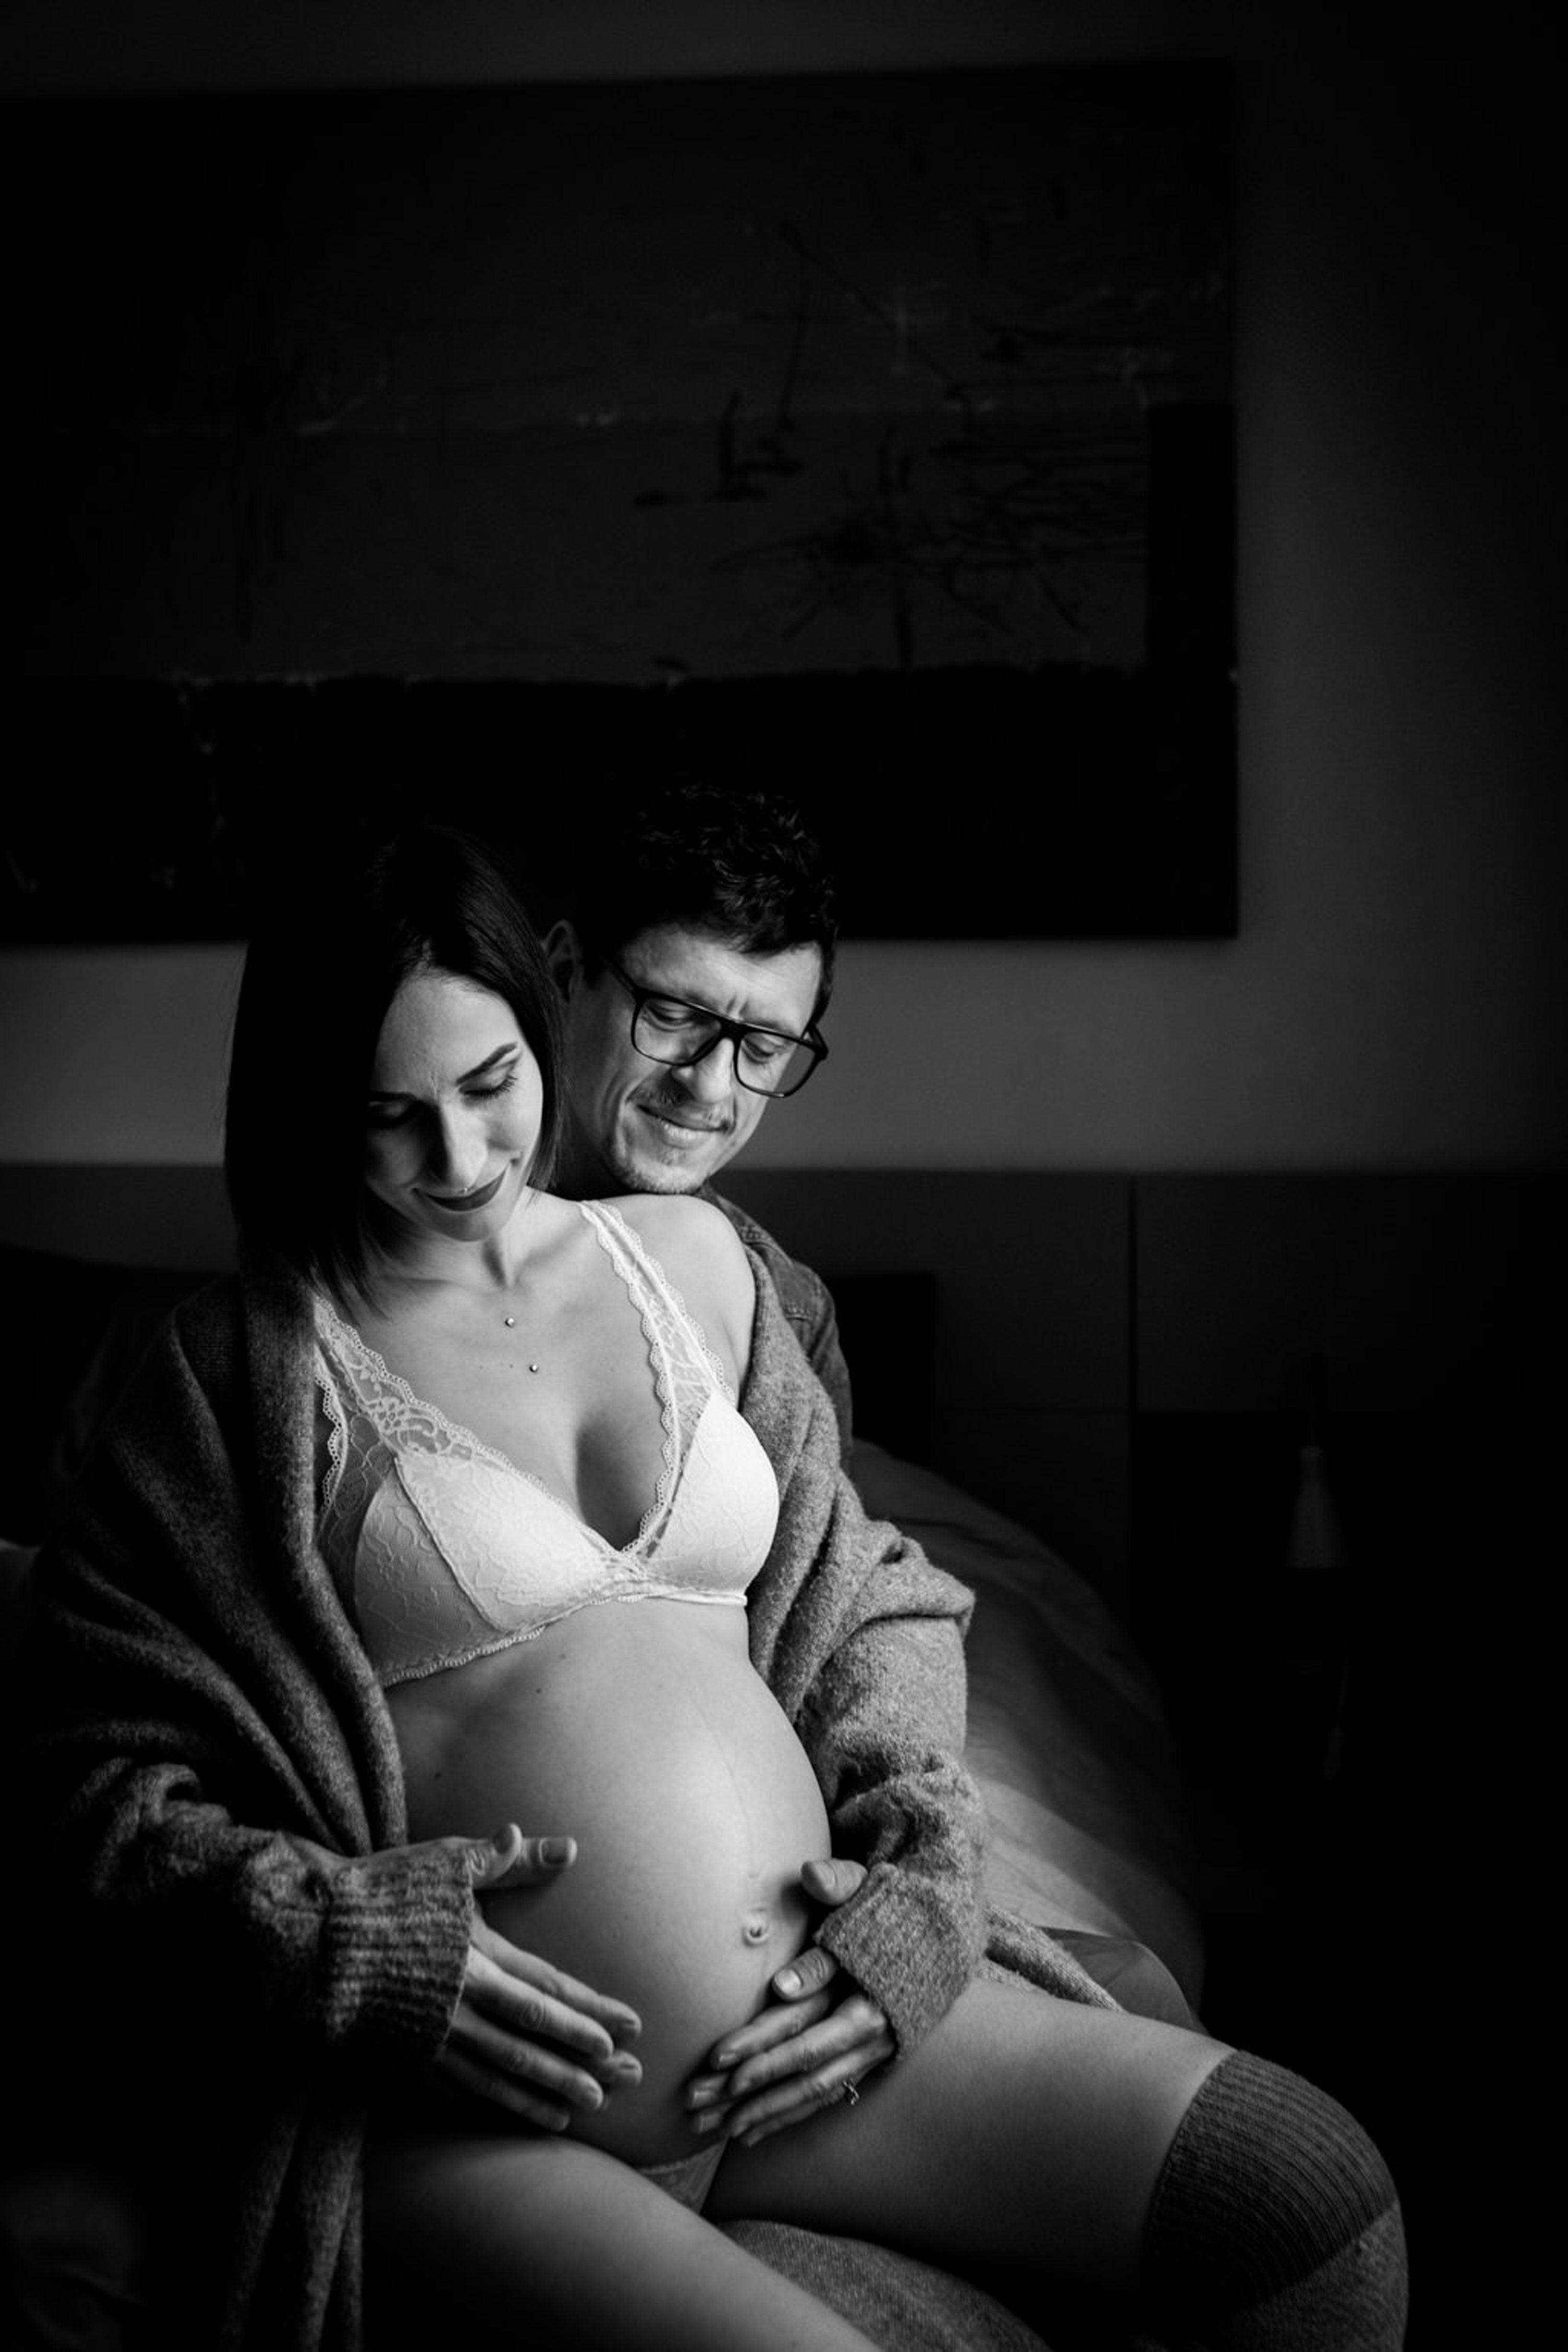 Fotografie di gravidanza a Firenze,Servizio fotografico di maternità a Firenze